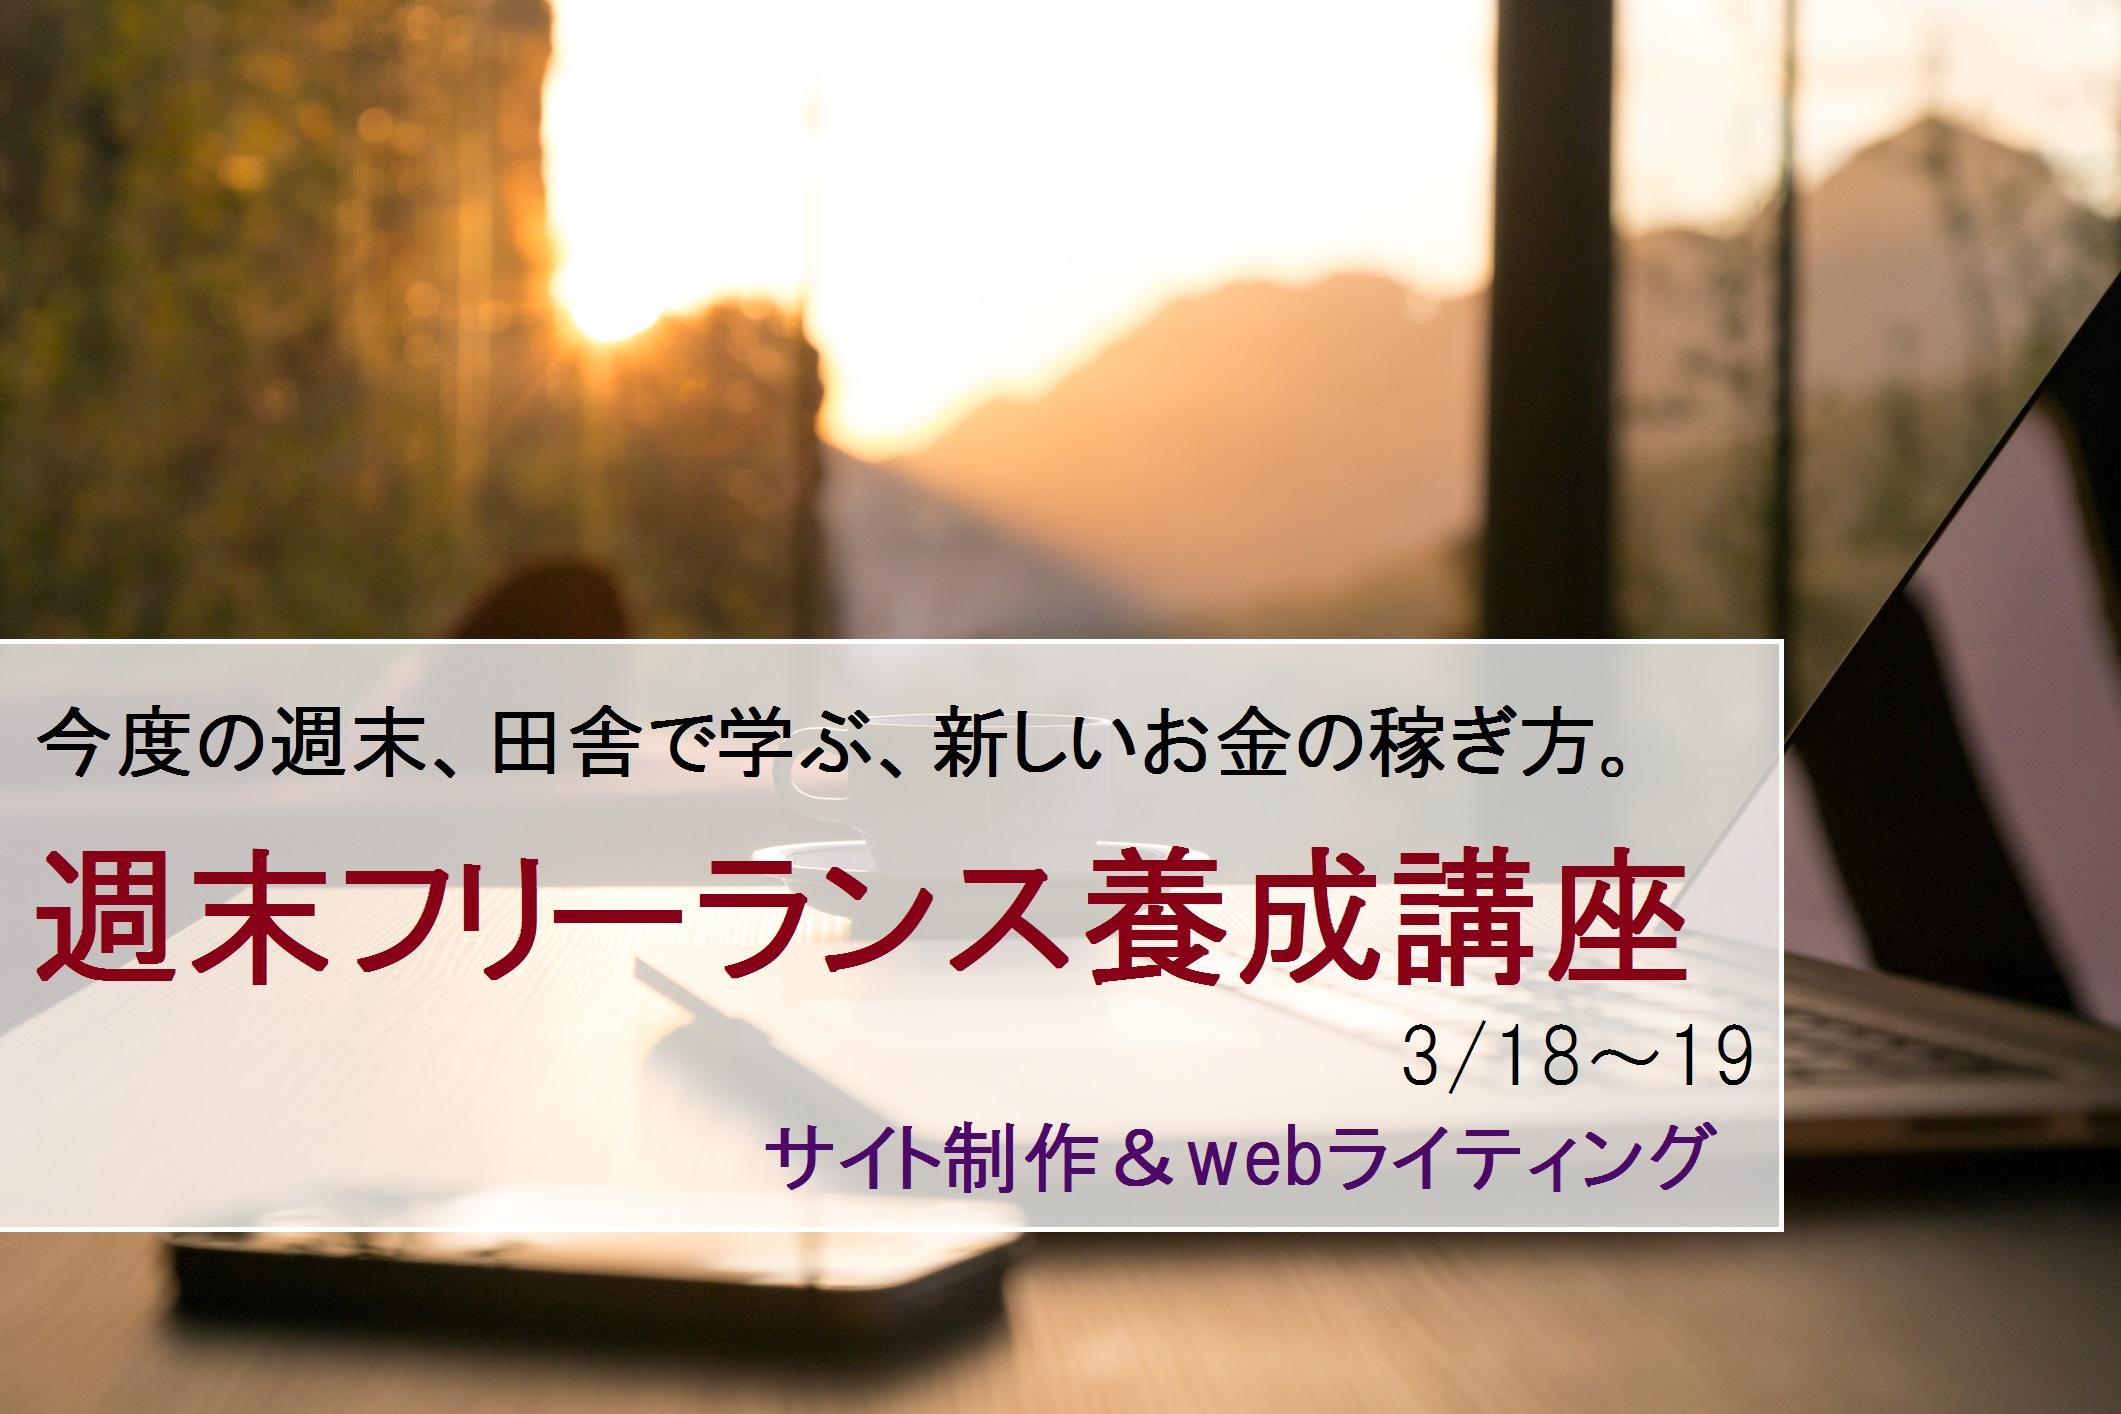 【3/25~26開催!】週末フリーランス養成講座~サイト制作&webライティング~